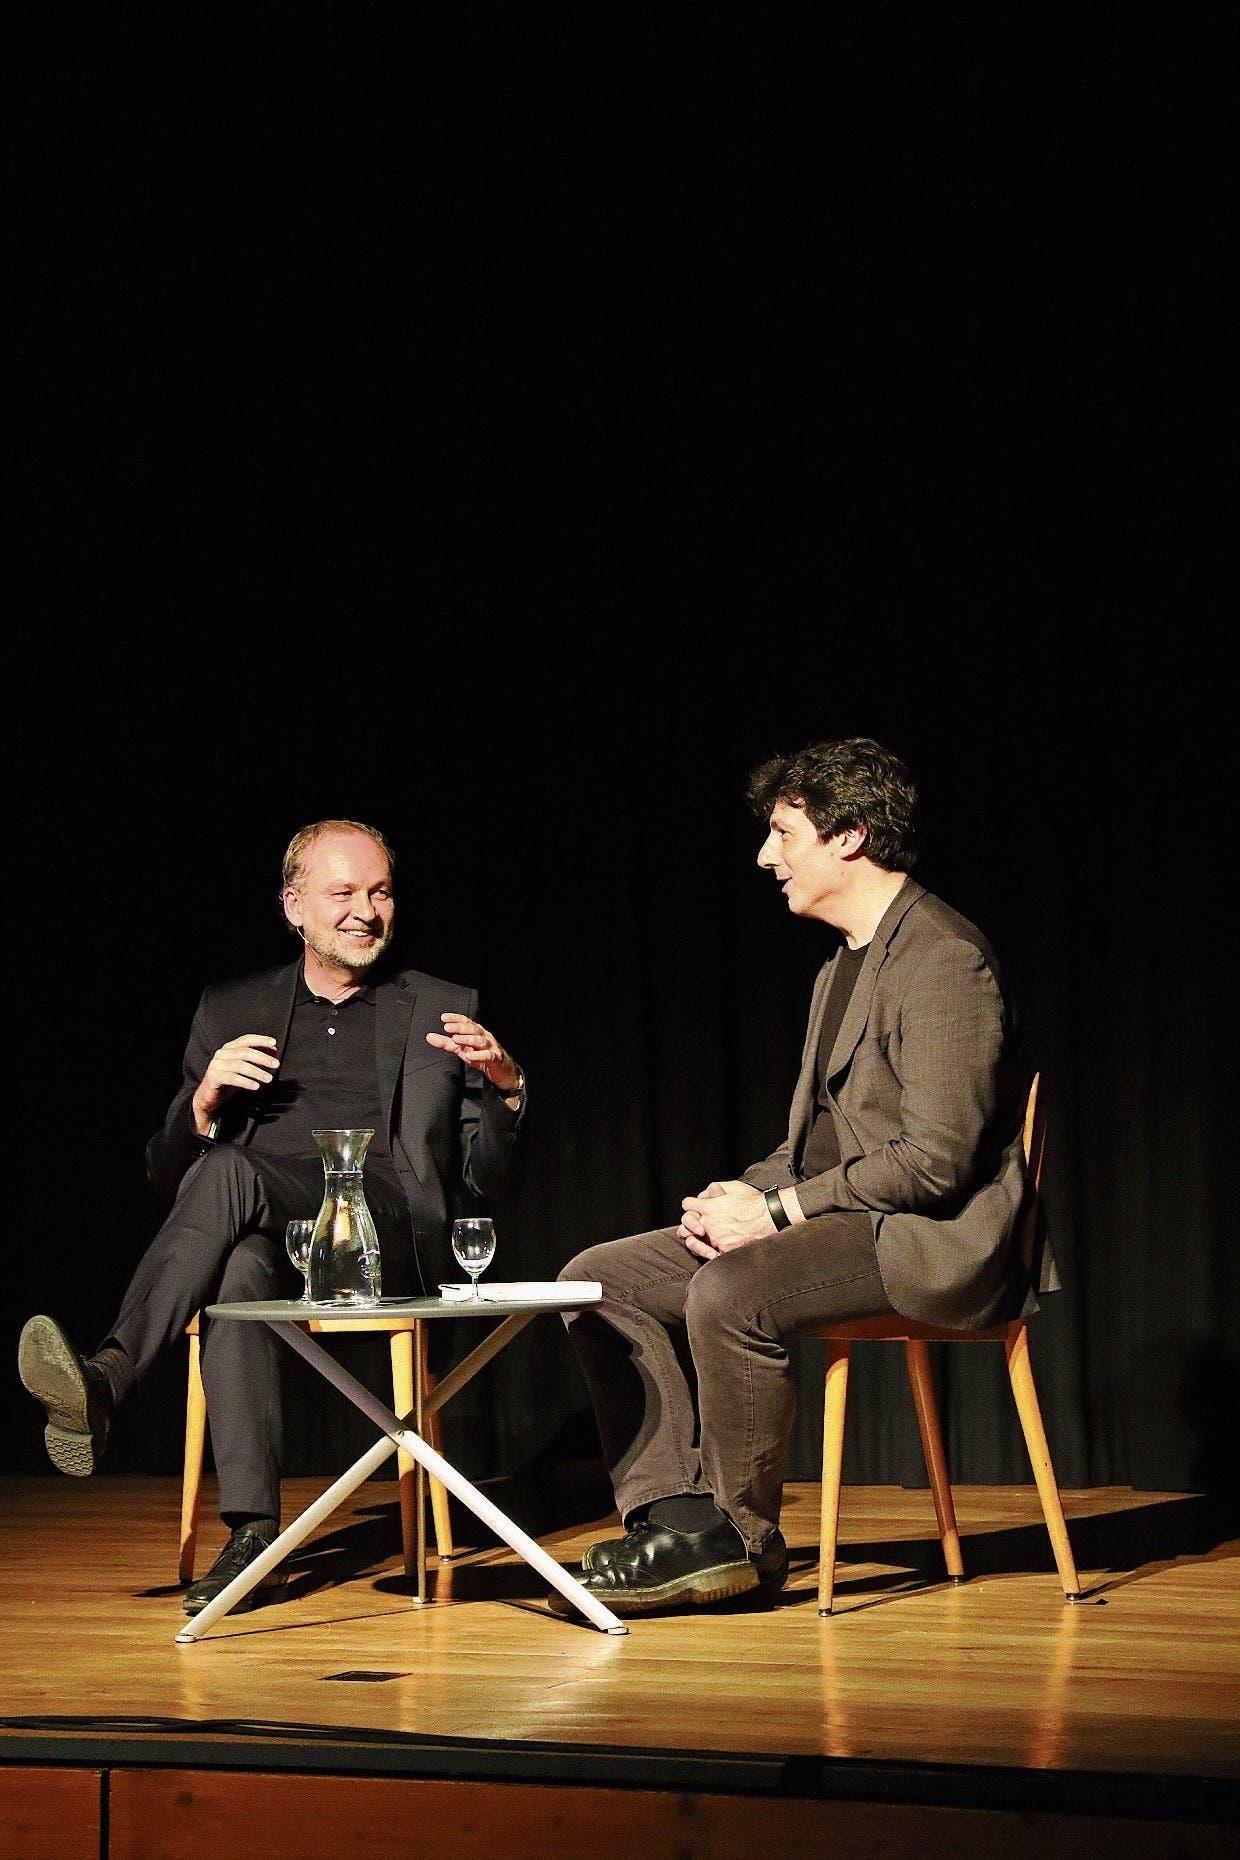 Schriftsteller Ferdinand von Schirach im Gespräch mit dem Zürcher Literaturprofessor Philipp Theison. (Bild: Mirjam Bächtold)